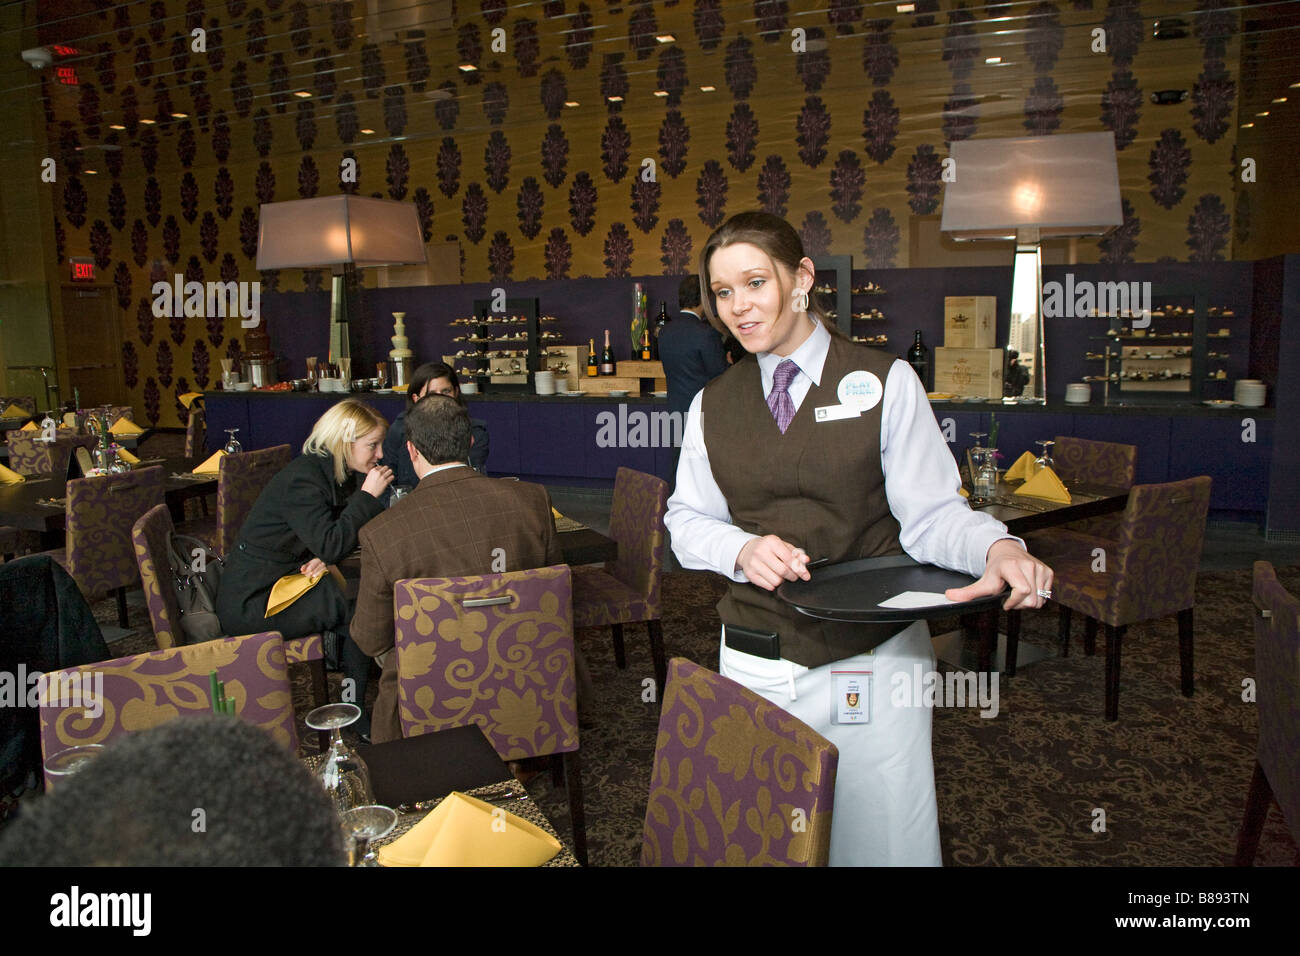 Casino employment michigan free money casino us